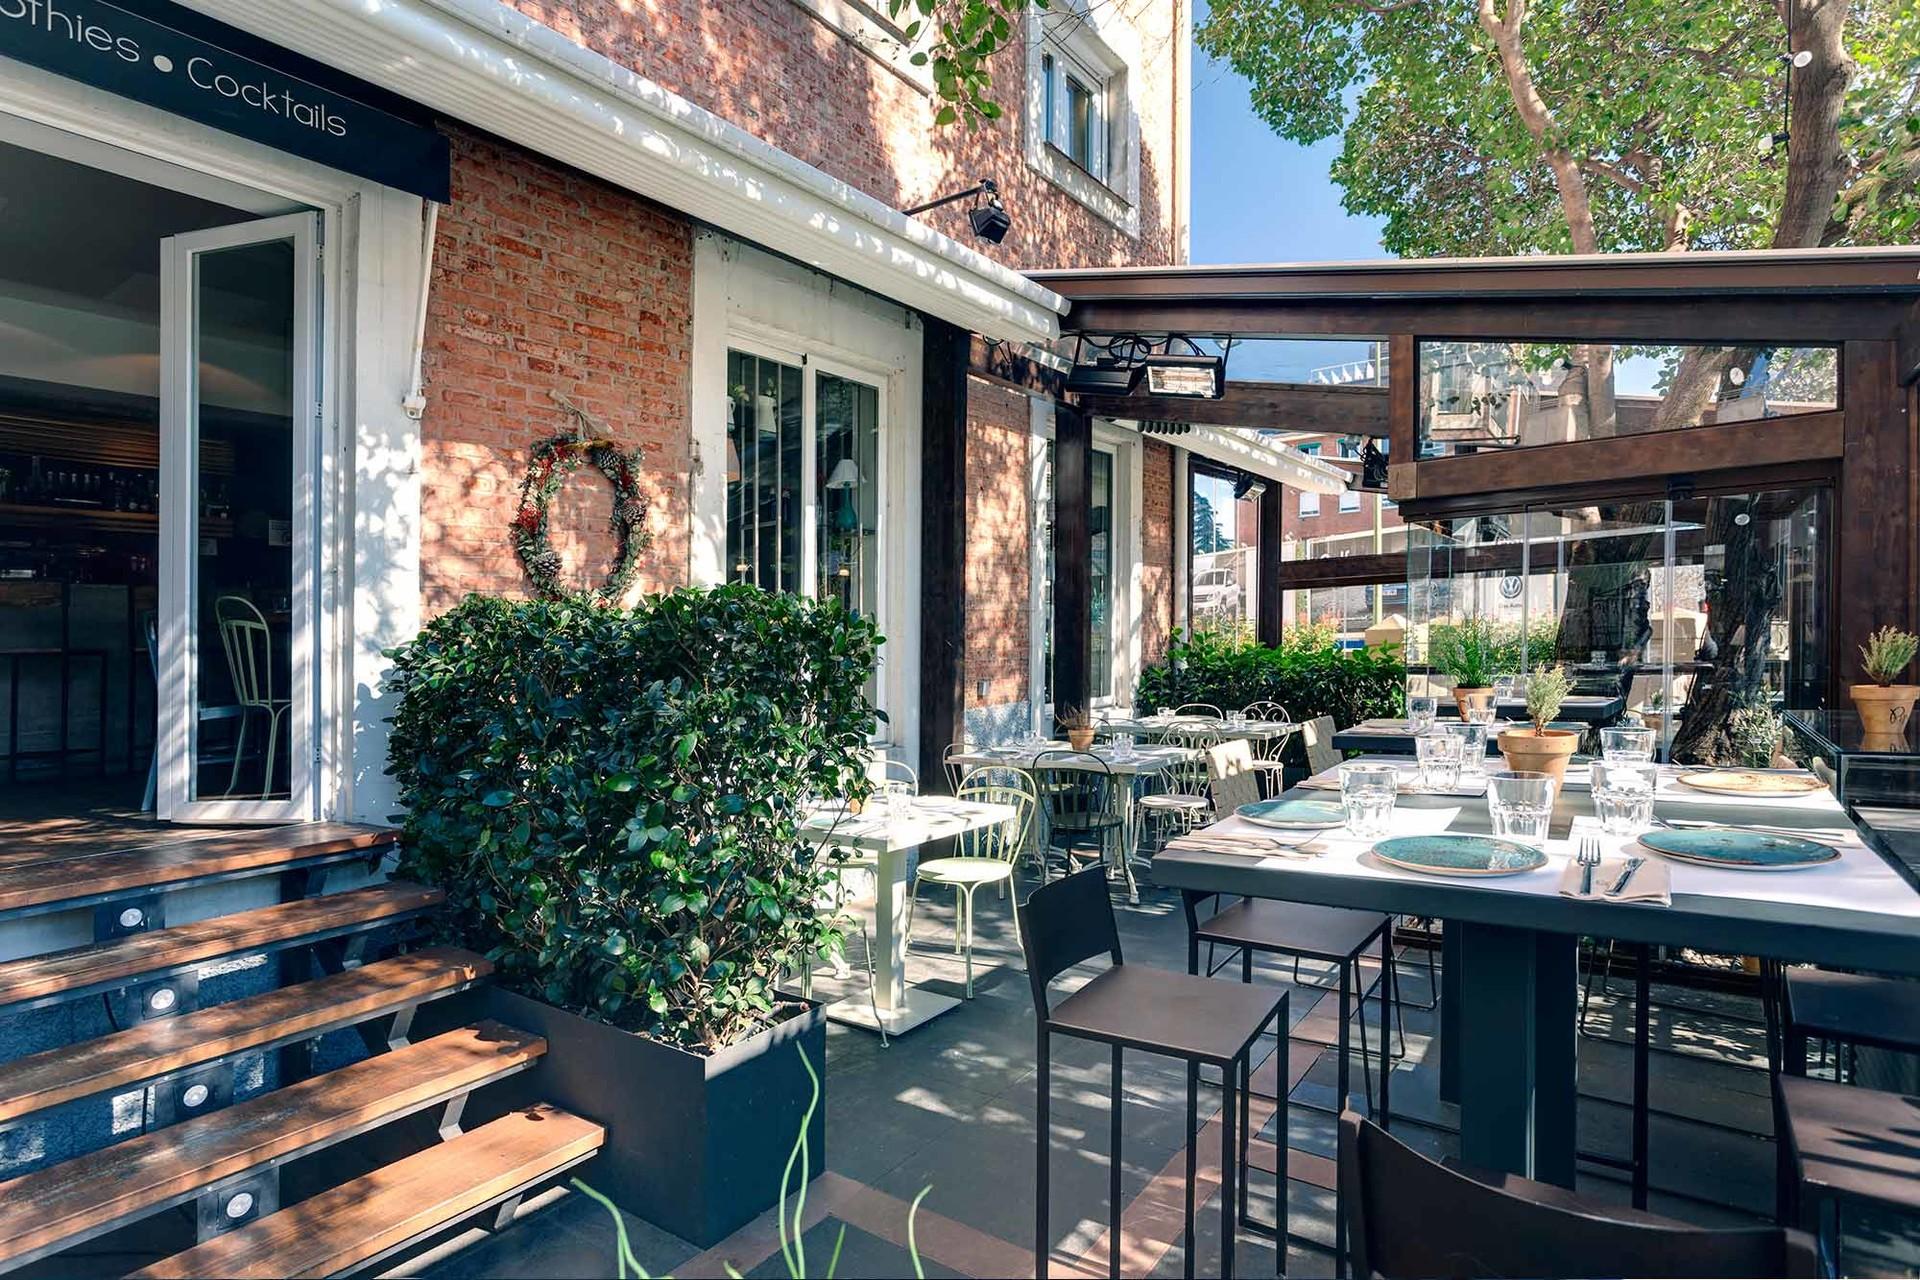 5-restaurantes-madrid-me-encantan-3299d7